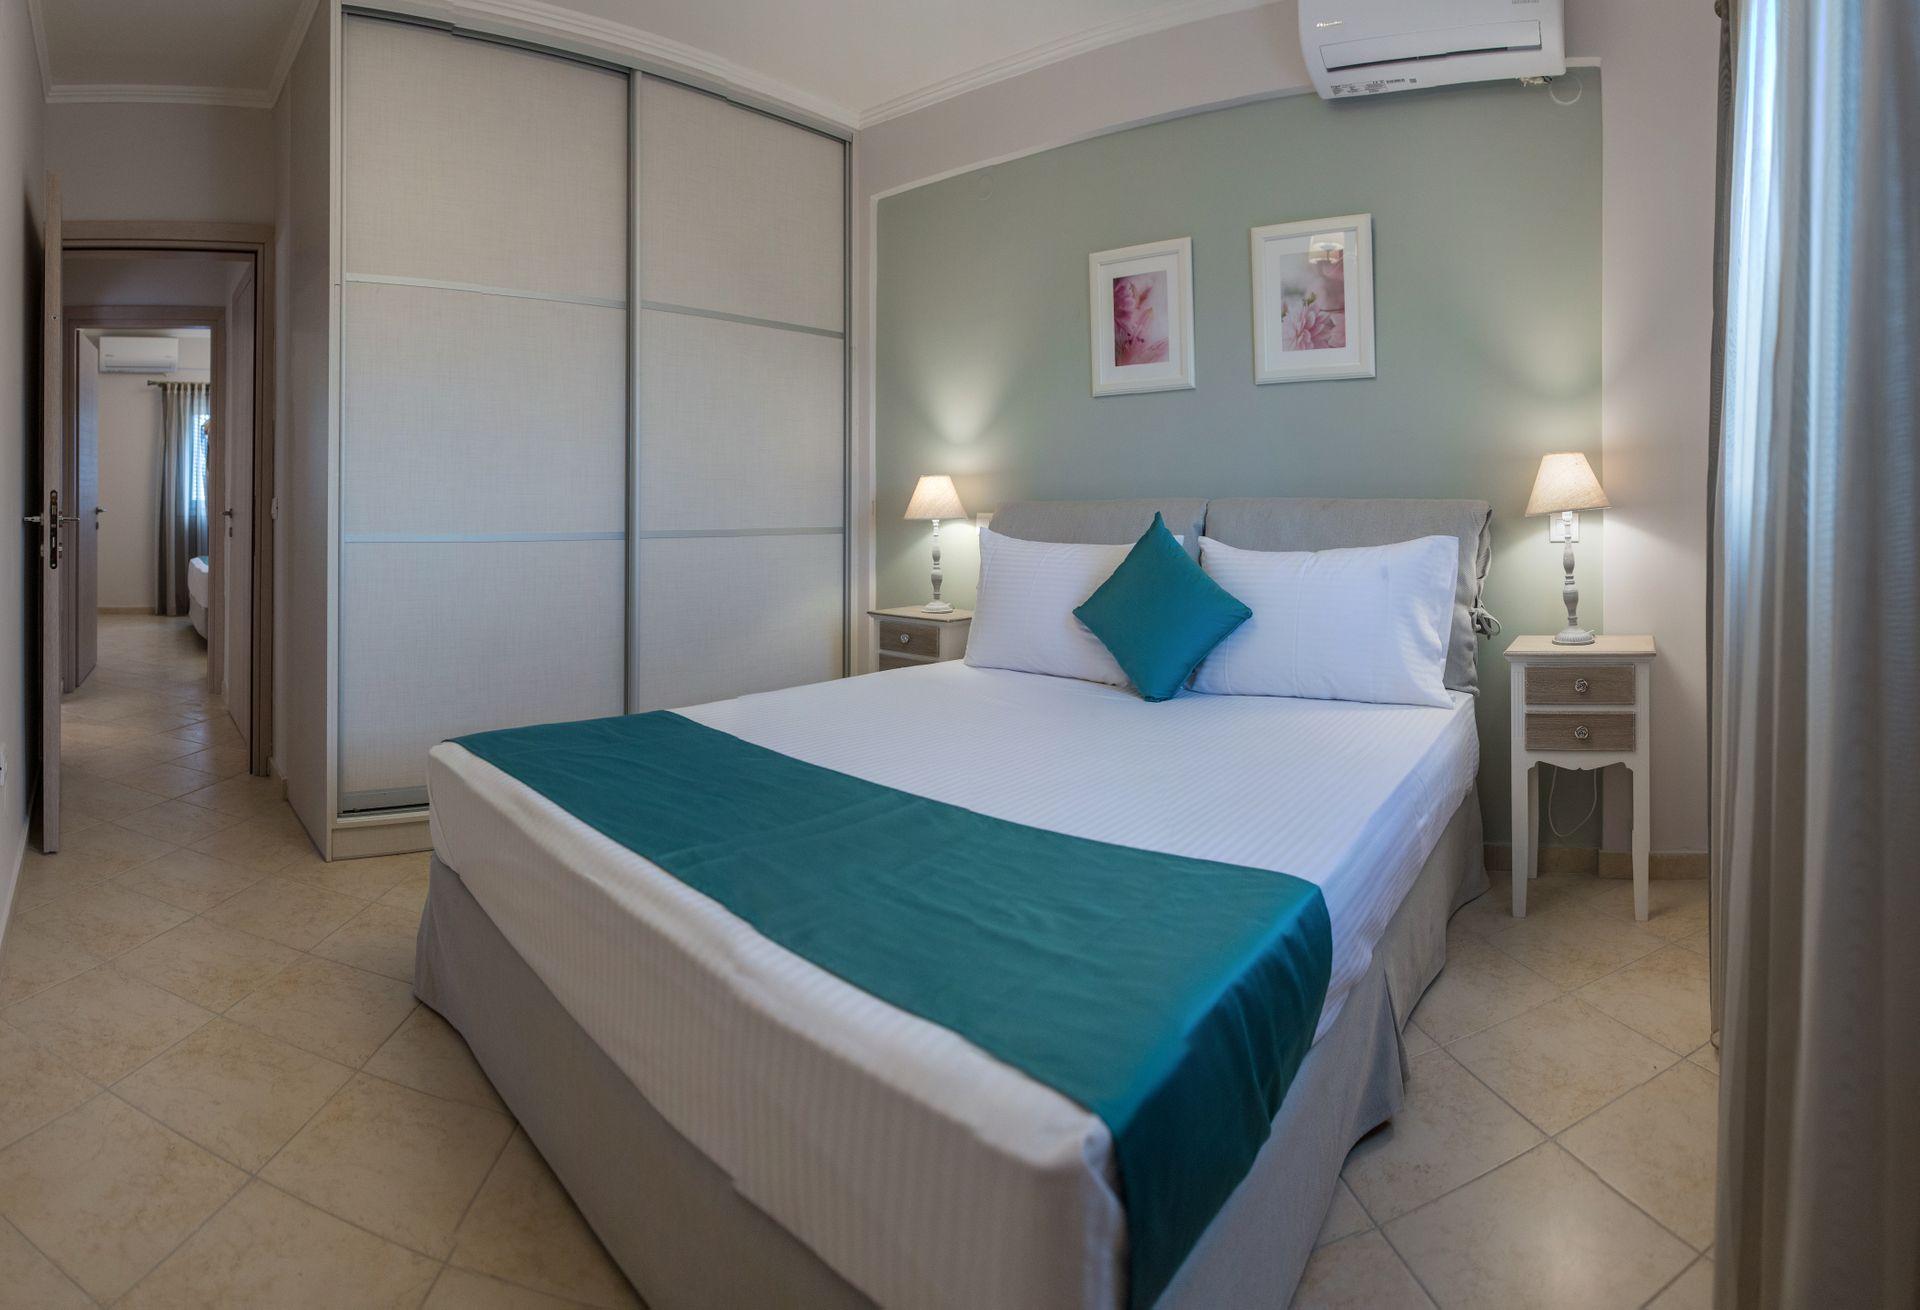 Elodia Suites Lefkada - Λευκάδα ✦ 2 Ημέρες (1 Διανυκτέρευση) ✦ 4 άτομα ✦ Χωρίς Πρωινό ✦ 03/05/2021 έως 31/05/2021 ✦ Κοντά σε παραλία!